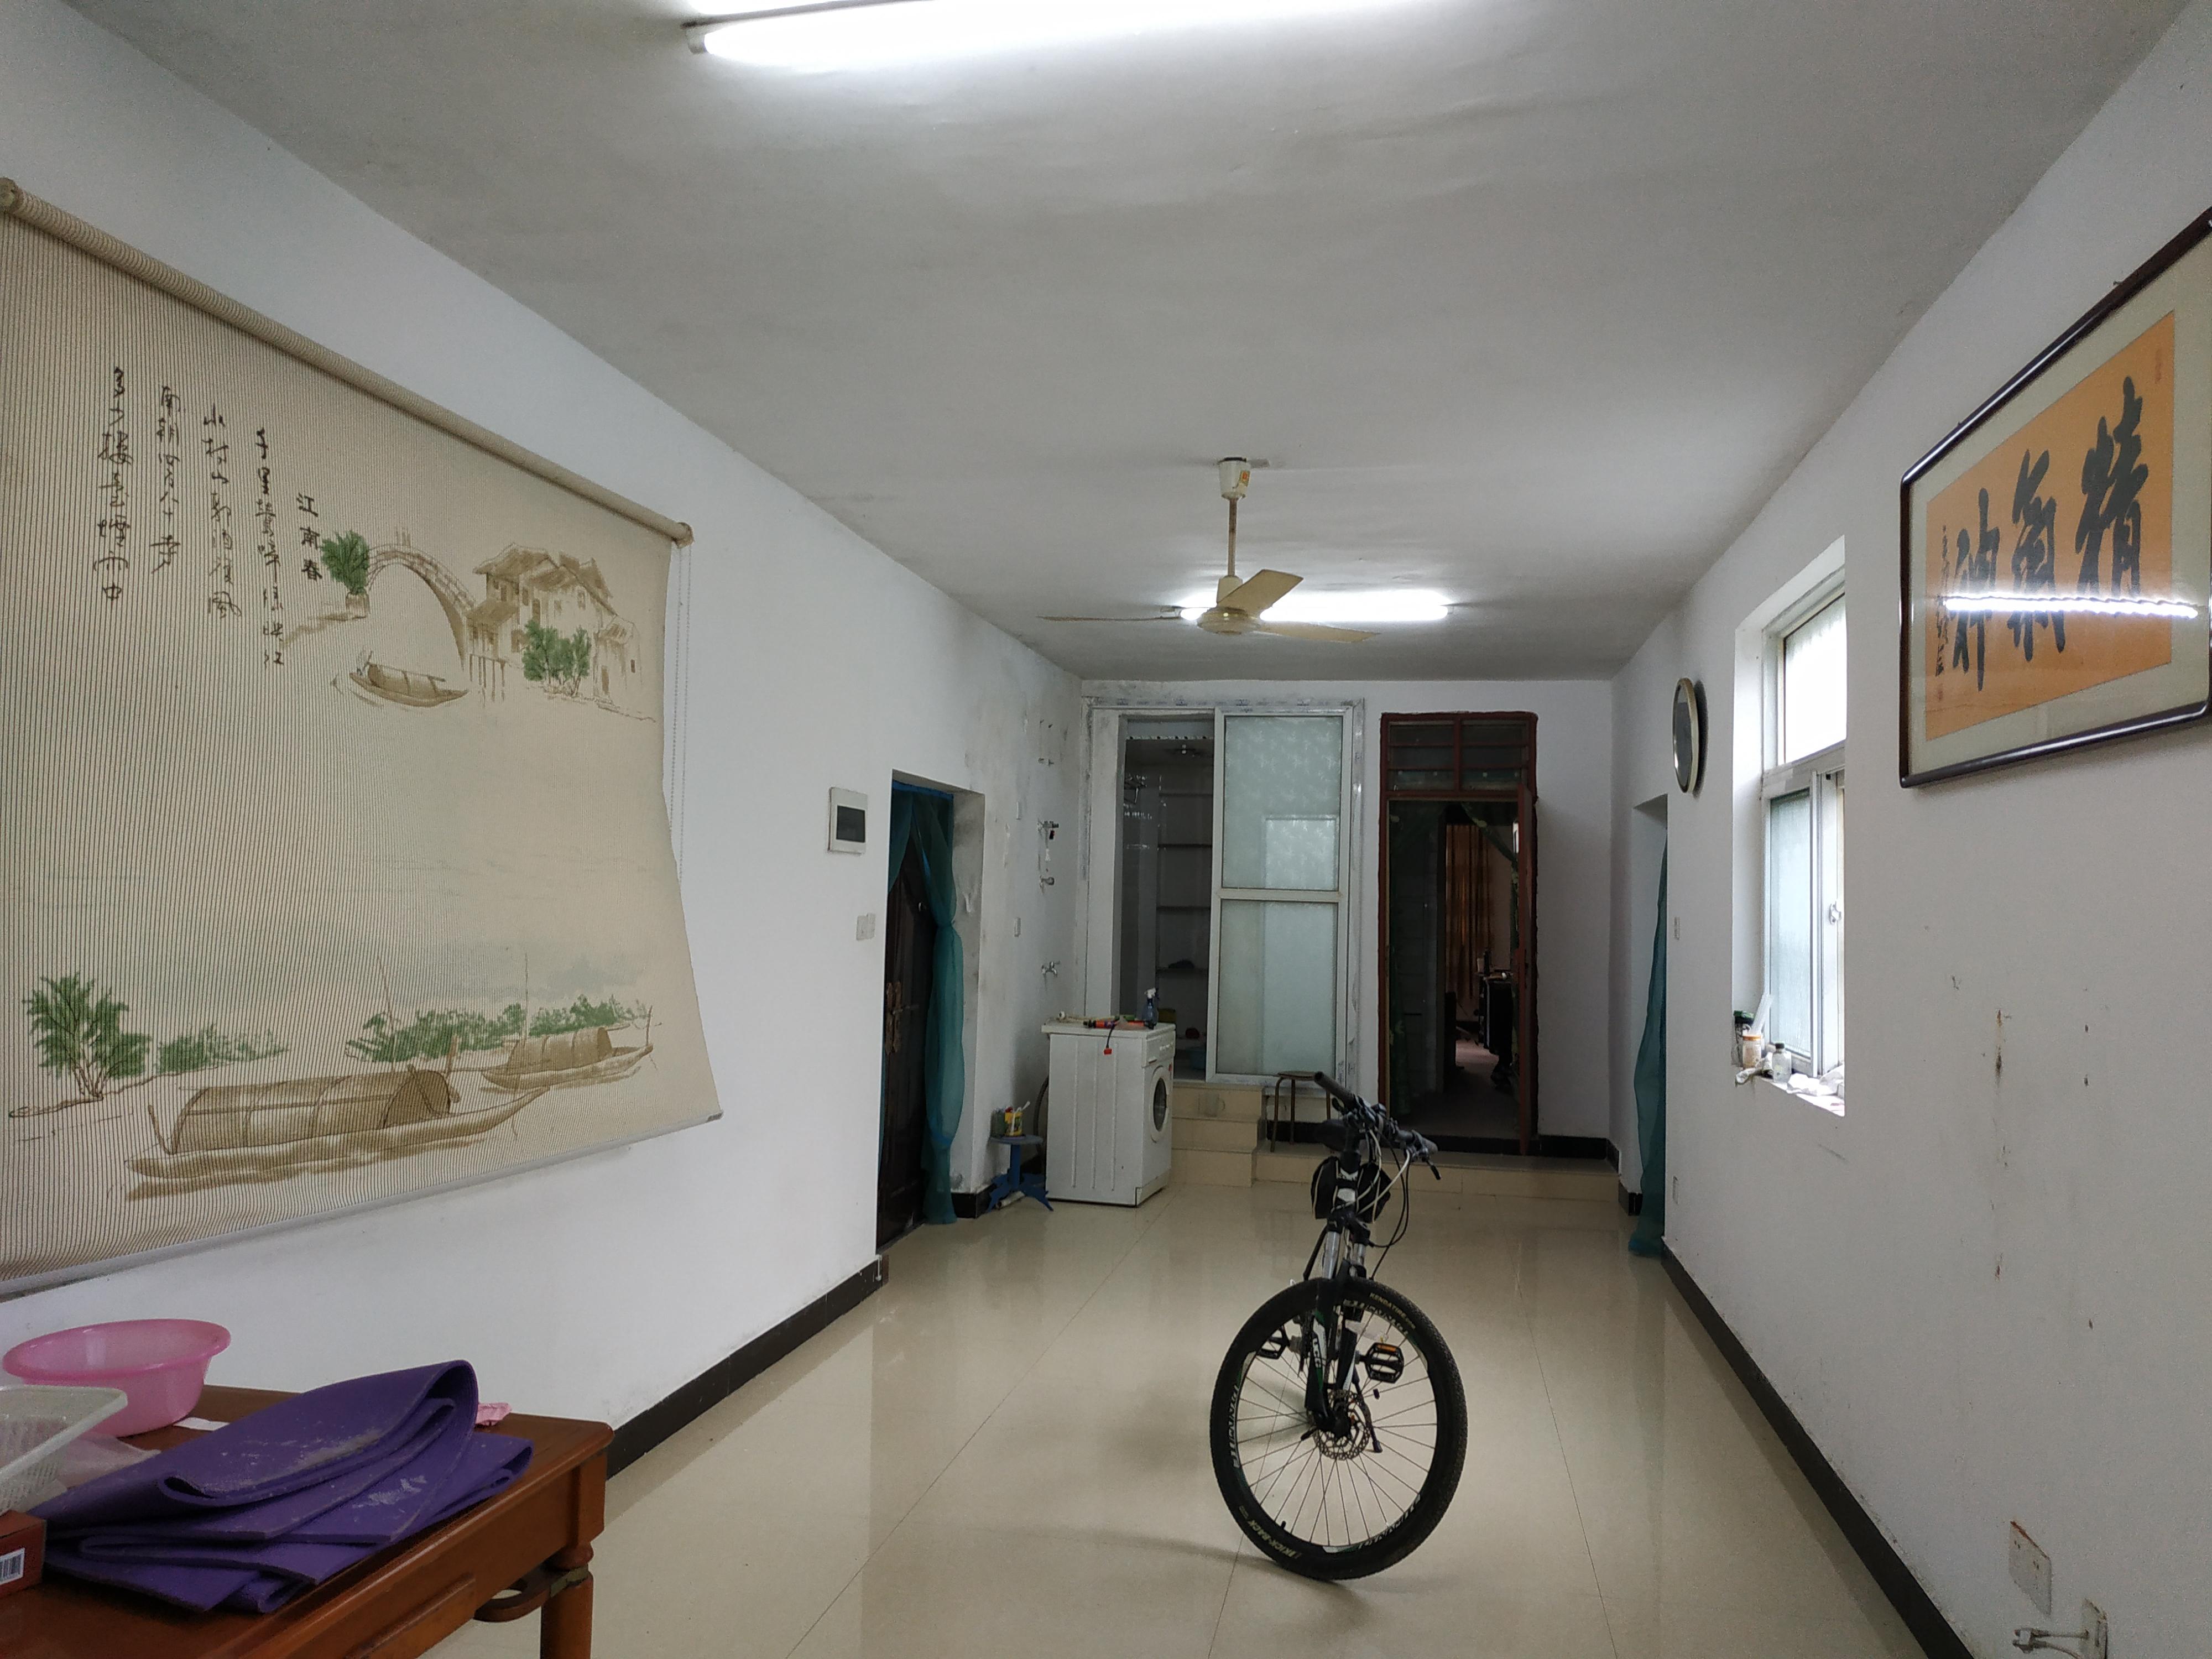 黎明西村一楼带院子学区房出售_1